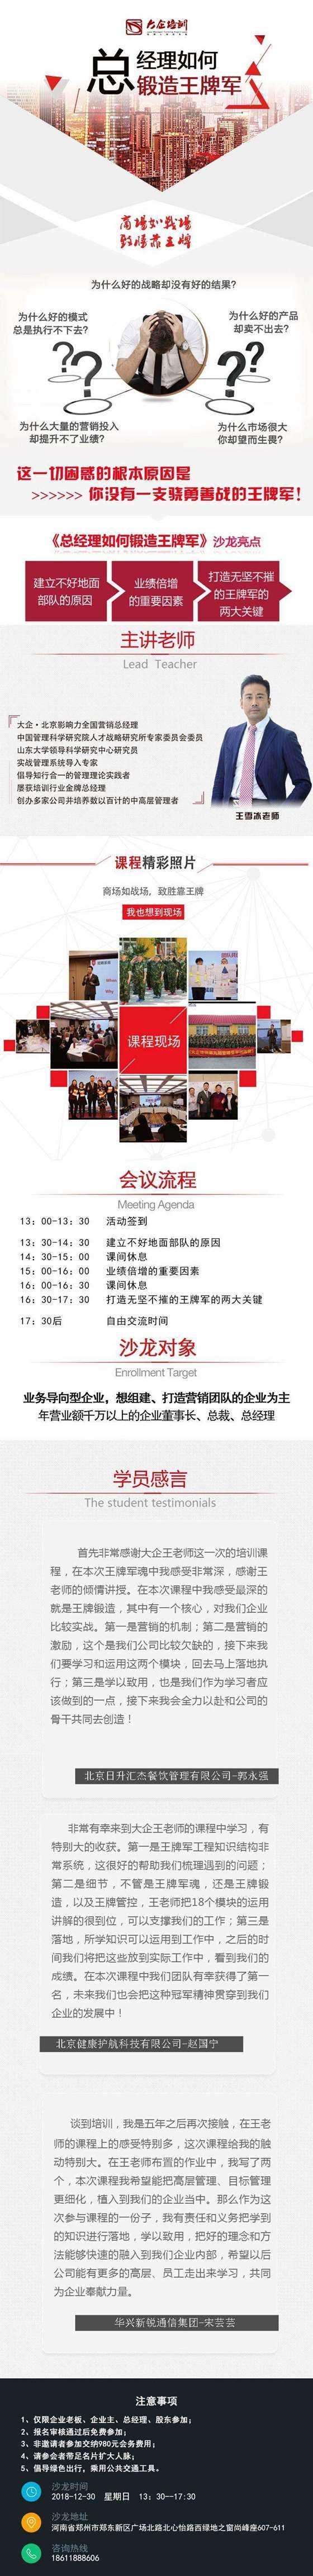 沙龙详情页(王雪冰)12.30.jpg